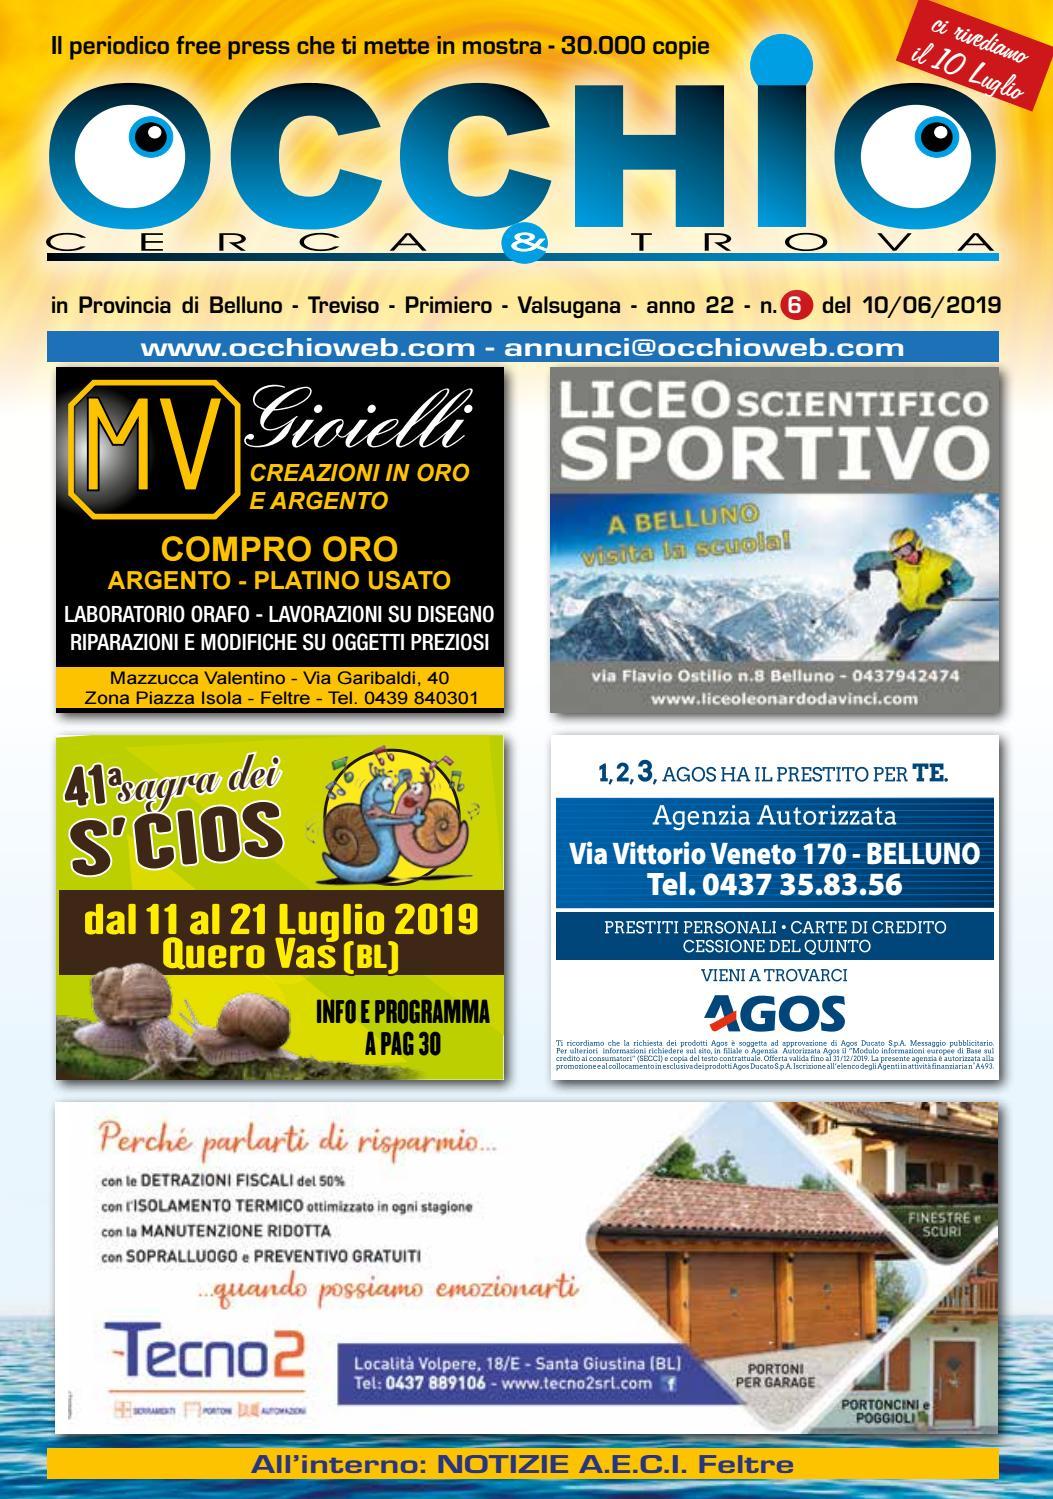 7e5d5917ea Occhio Web Cerca & Trova n°06 - Giugno 2019 by Occhio Web Cerca & Trova -  issuu